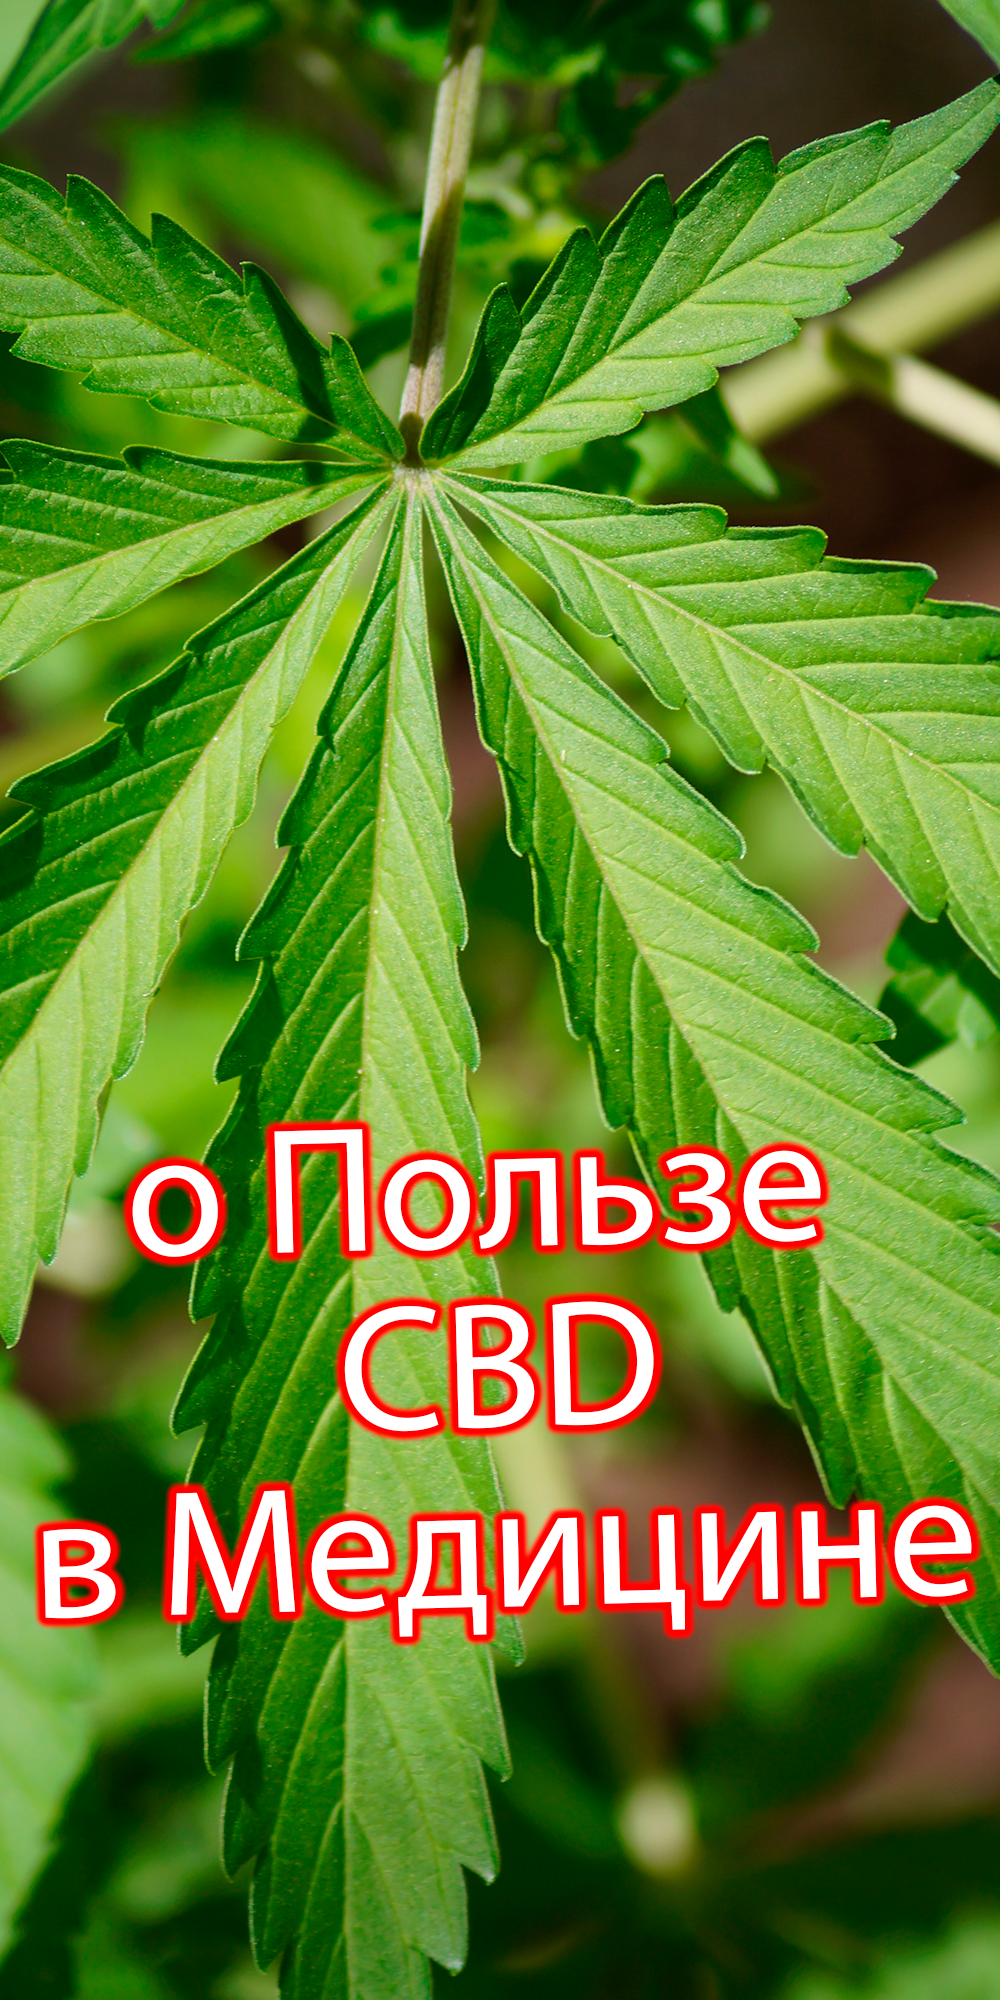 Масло конопли в медицине как продавать марихуану